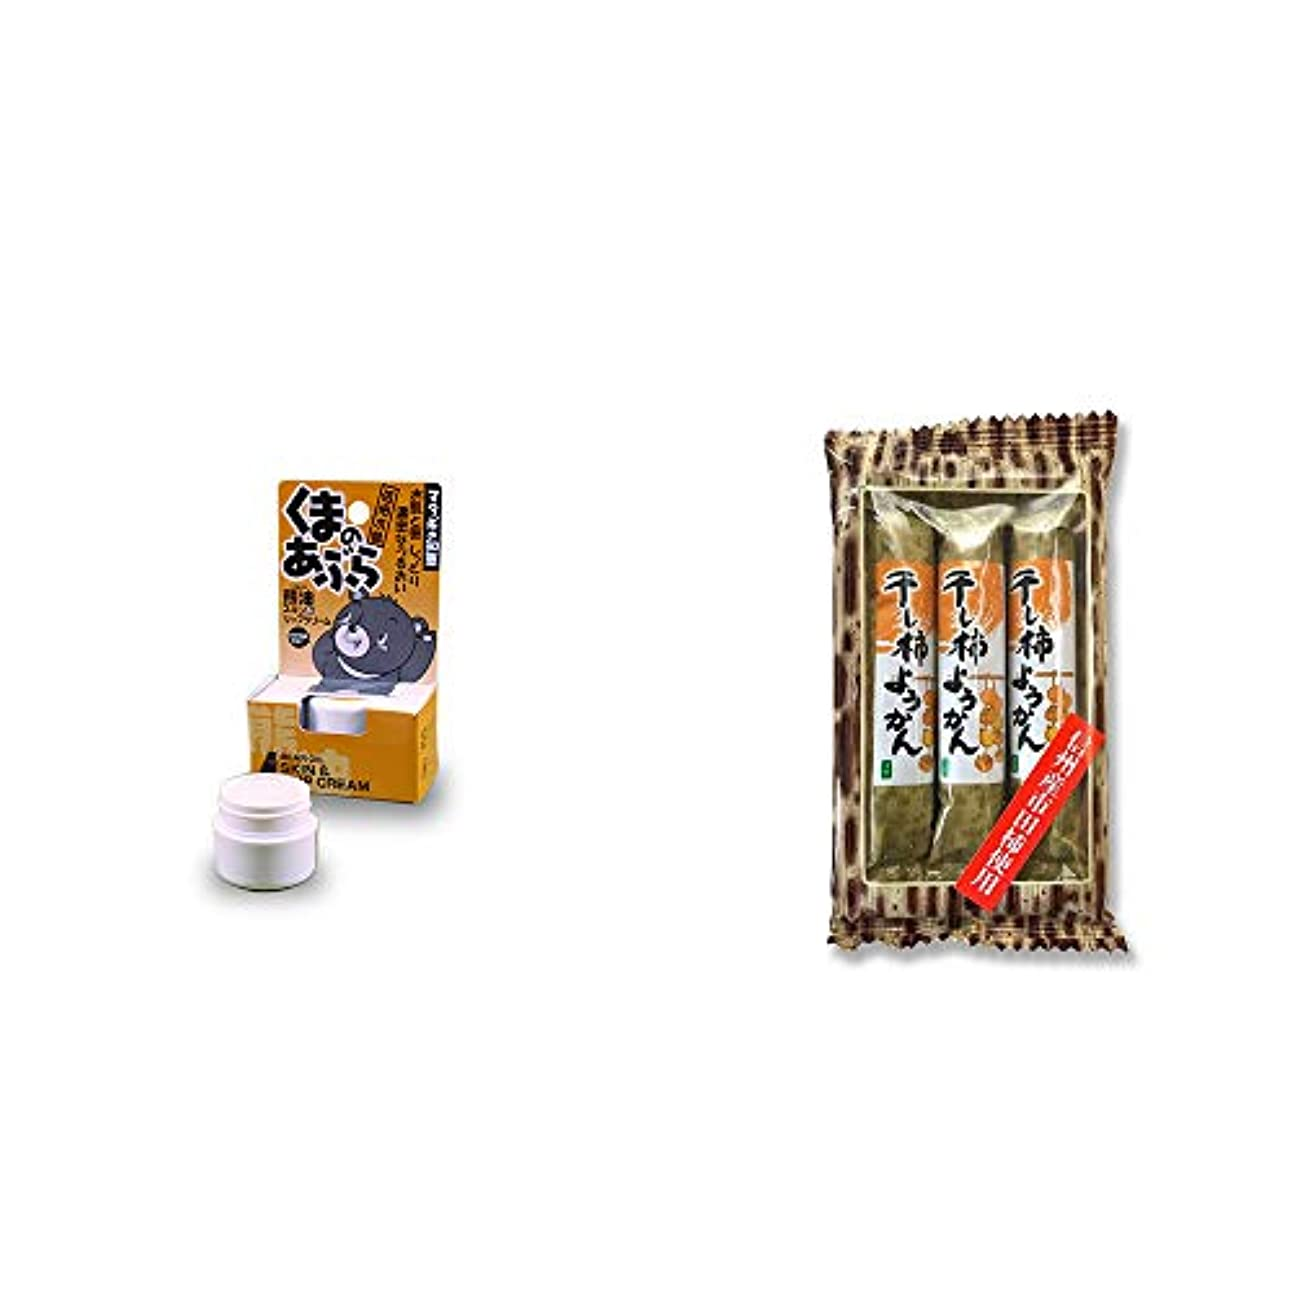 デコラティブ章メドレー[2点セット] 信州木曽 くまのあぶら 熊油スキン&リップクリーム(9g)?信州産市田柿使用 スティックようかん[柿](50g×3本)